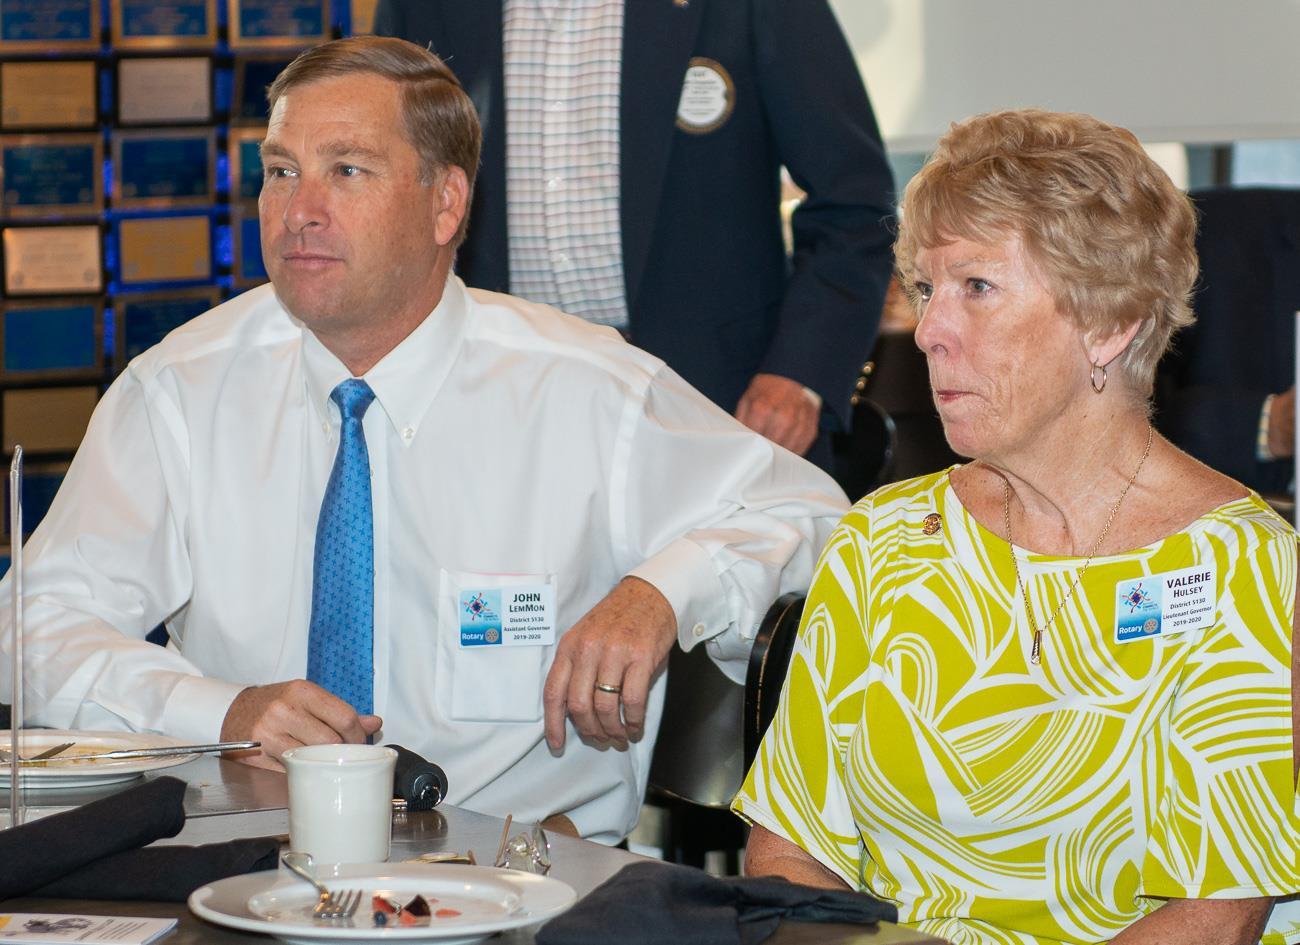 John LemMon and Valerie Hulsey